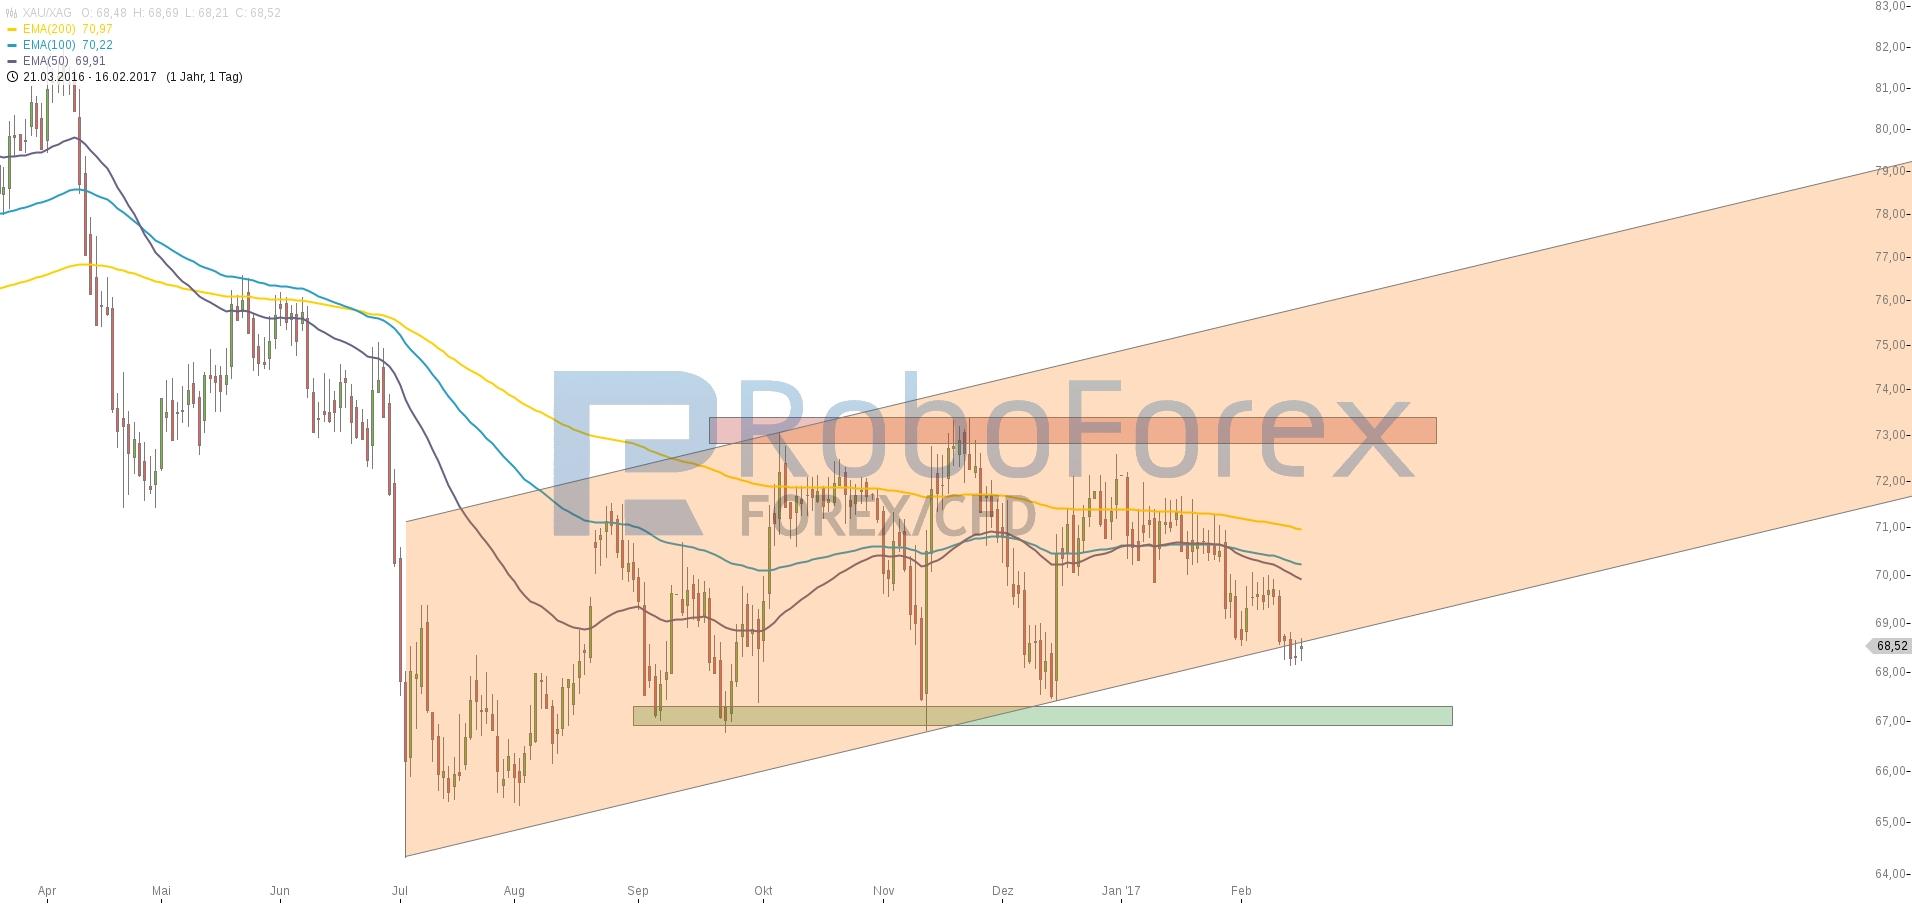 chart-16022017-1947-xauxag-roboforex_17022017.jpg